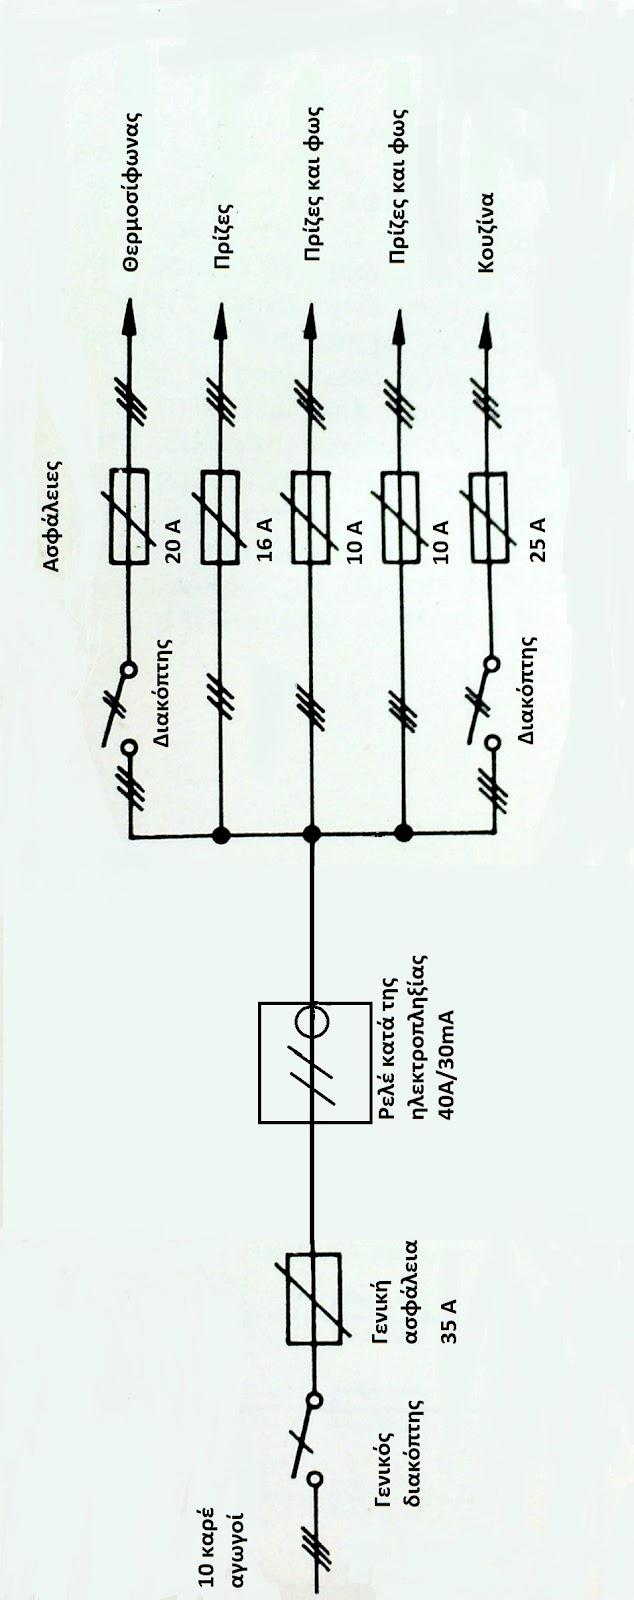 Μονογραμμικό σχέδιο μονοφασικού